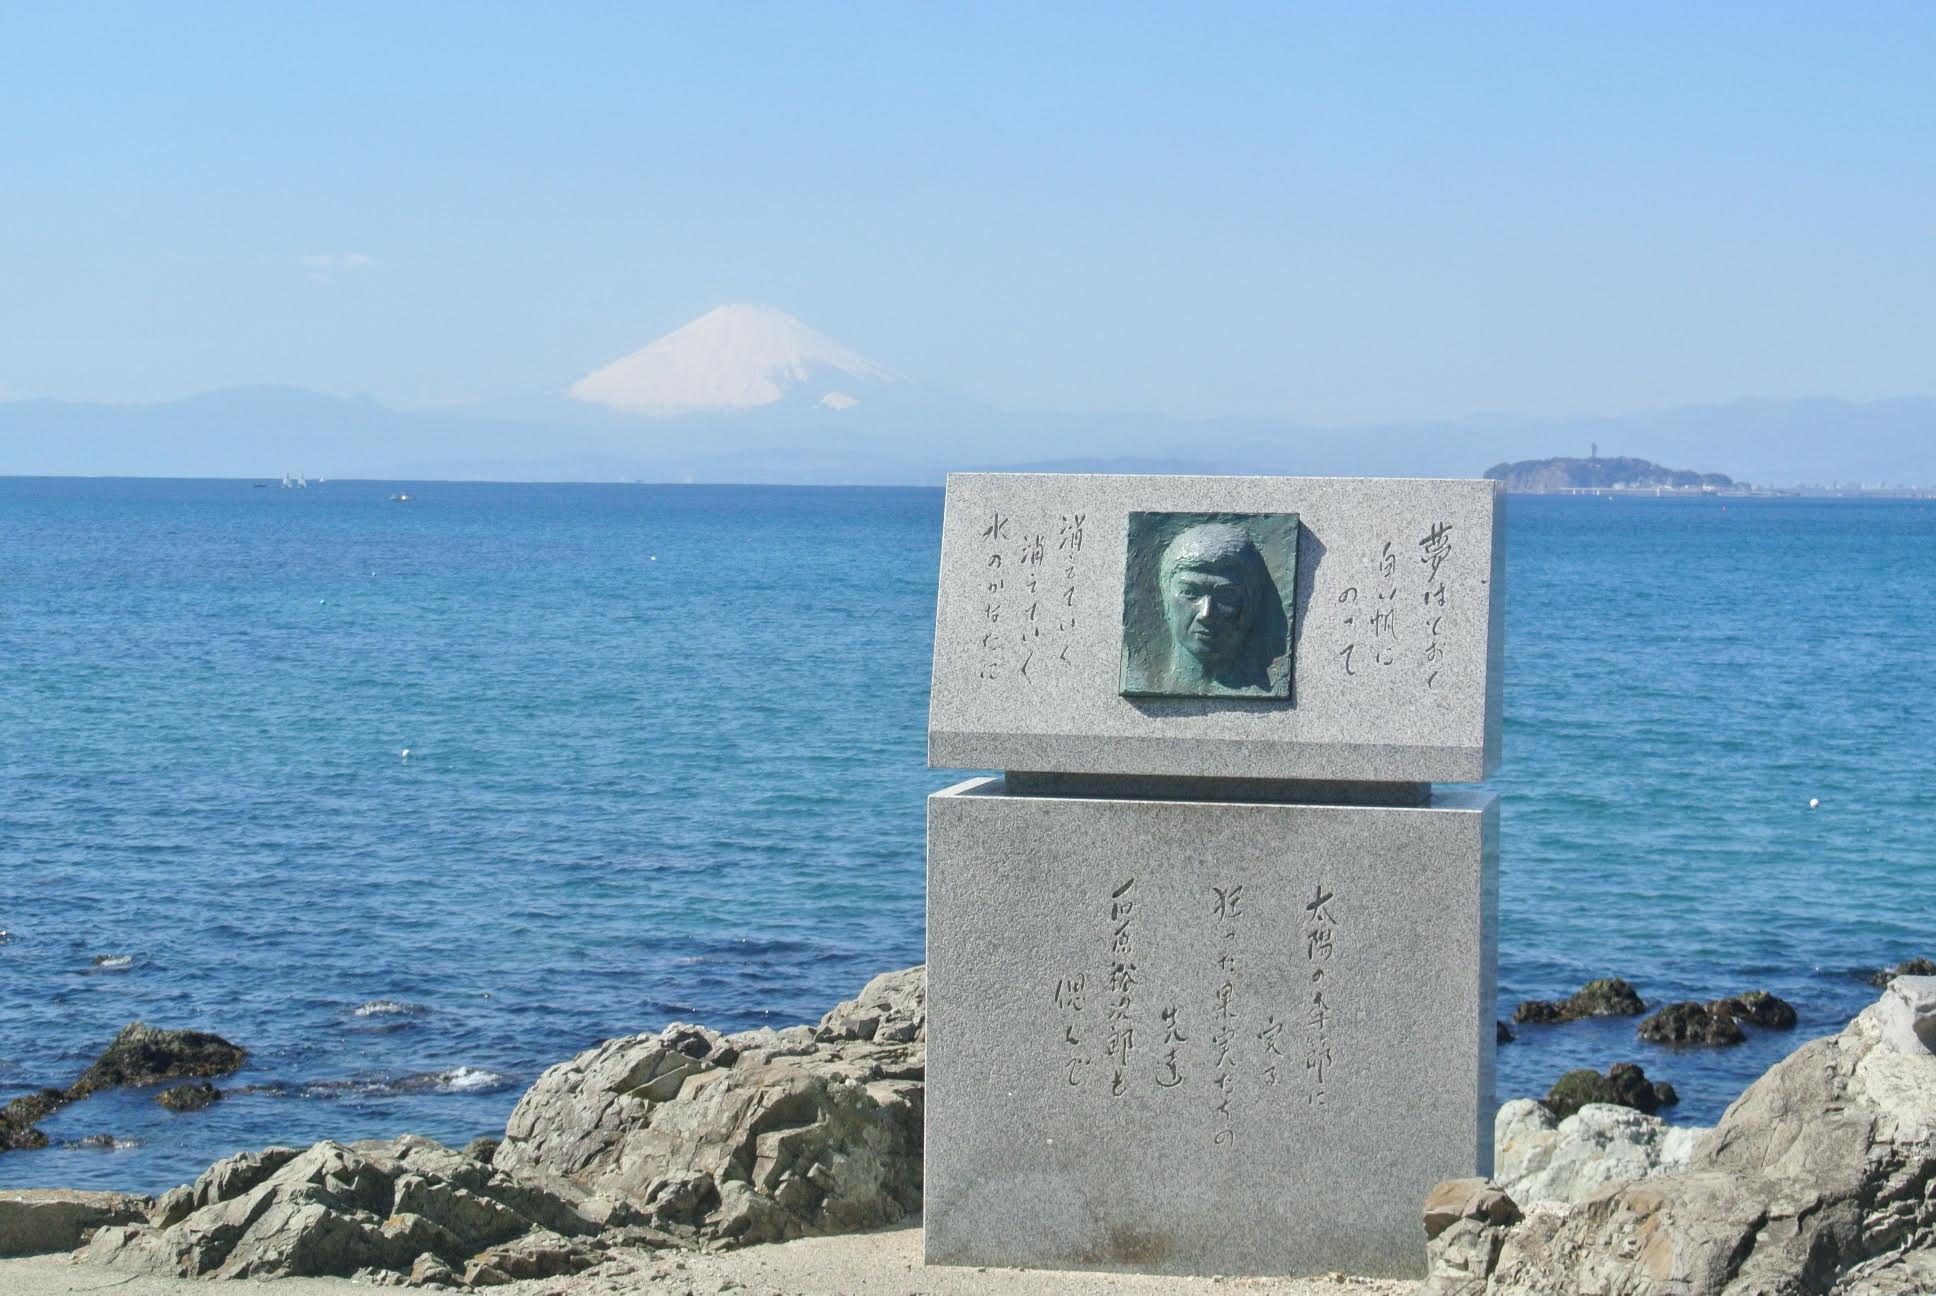 青い海を背景に、裕次郎記念碑。富士山が見える。